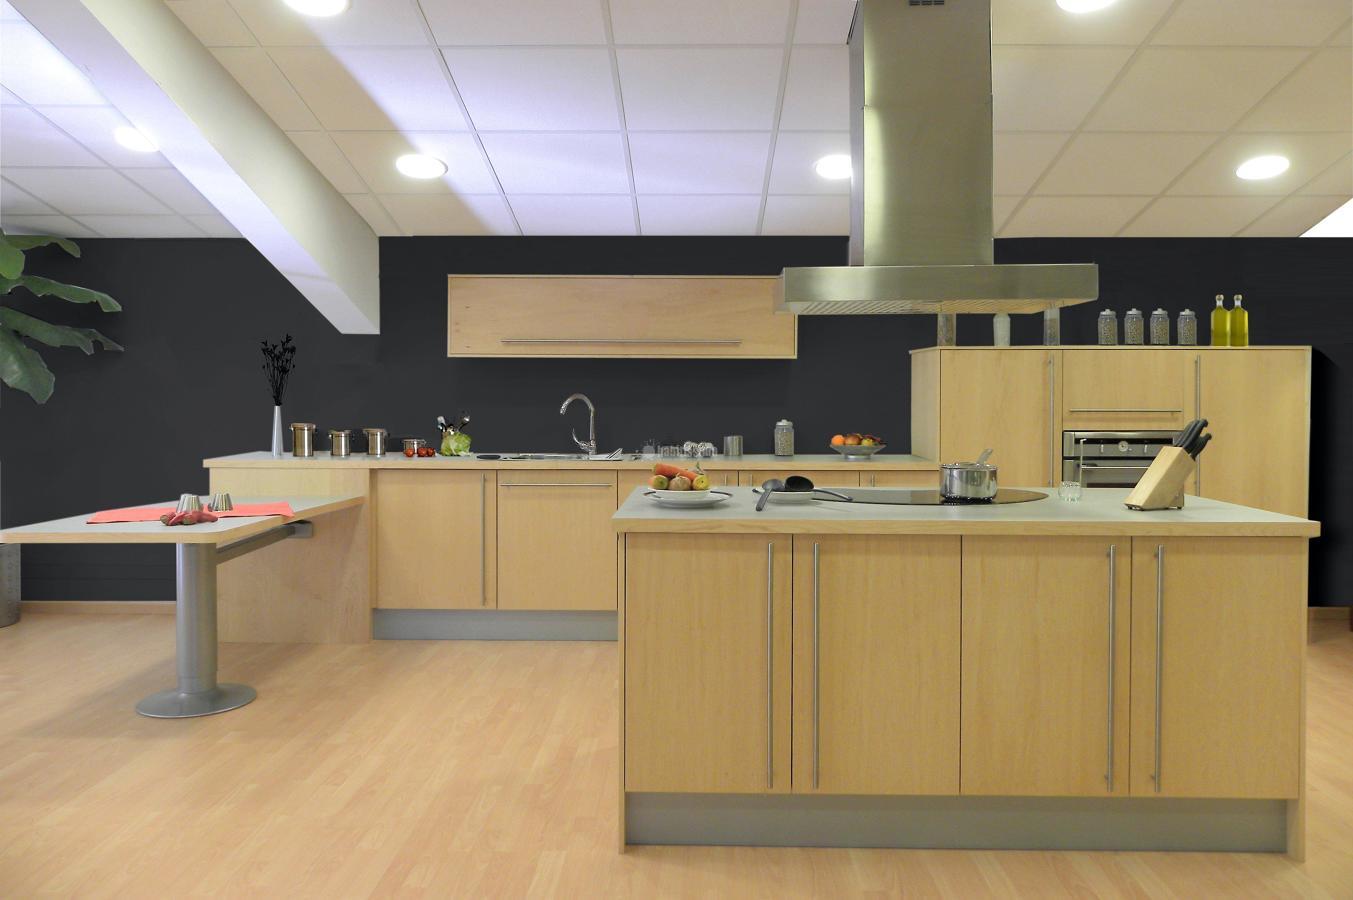 Reformas Cocinas, Construcciones Reformas